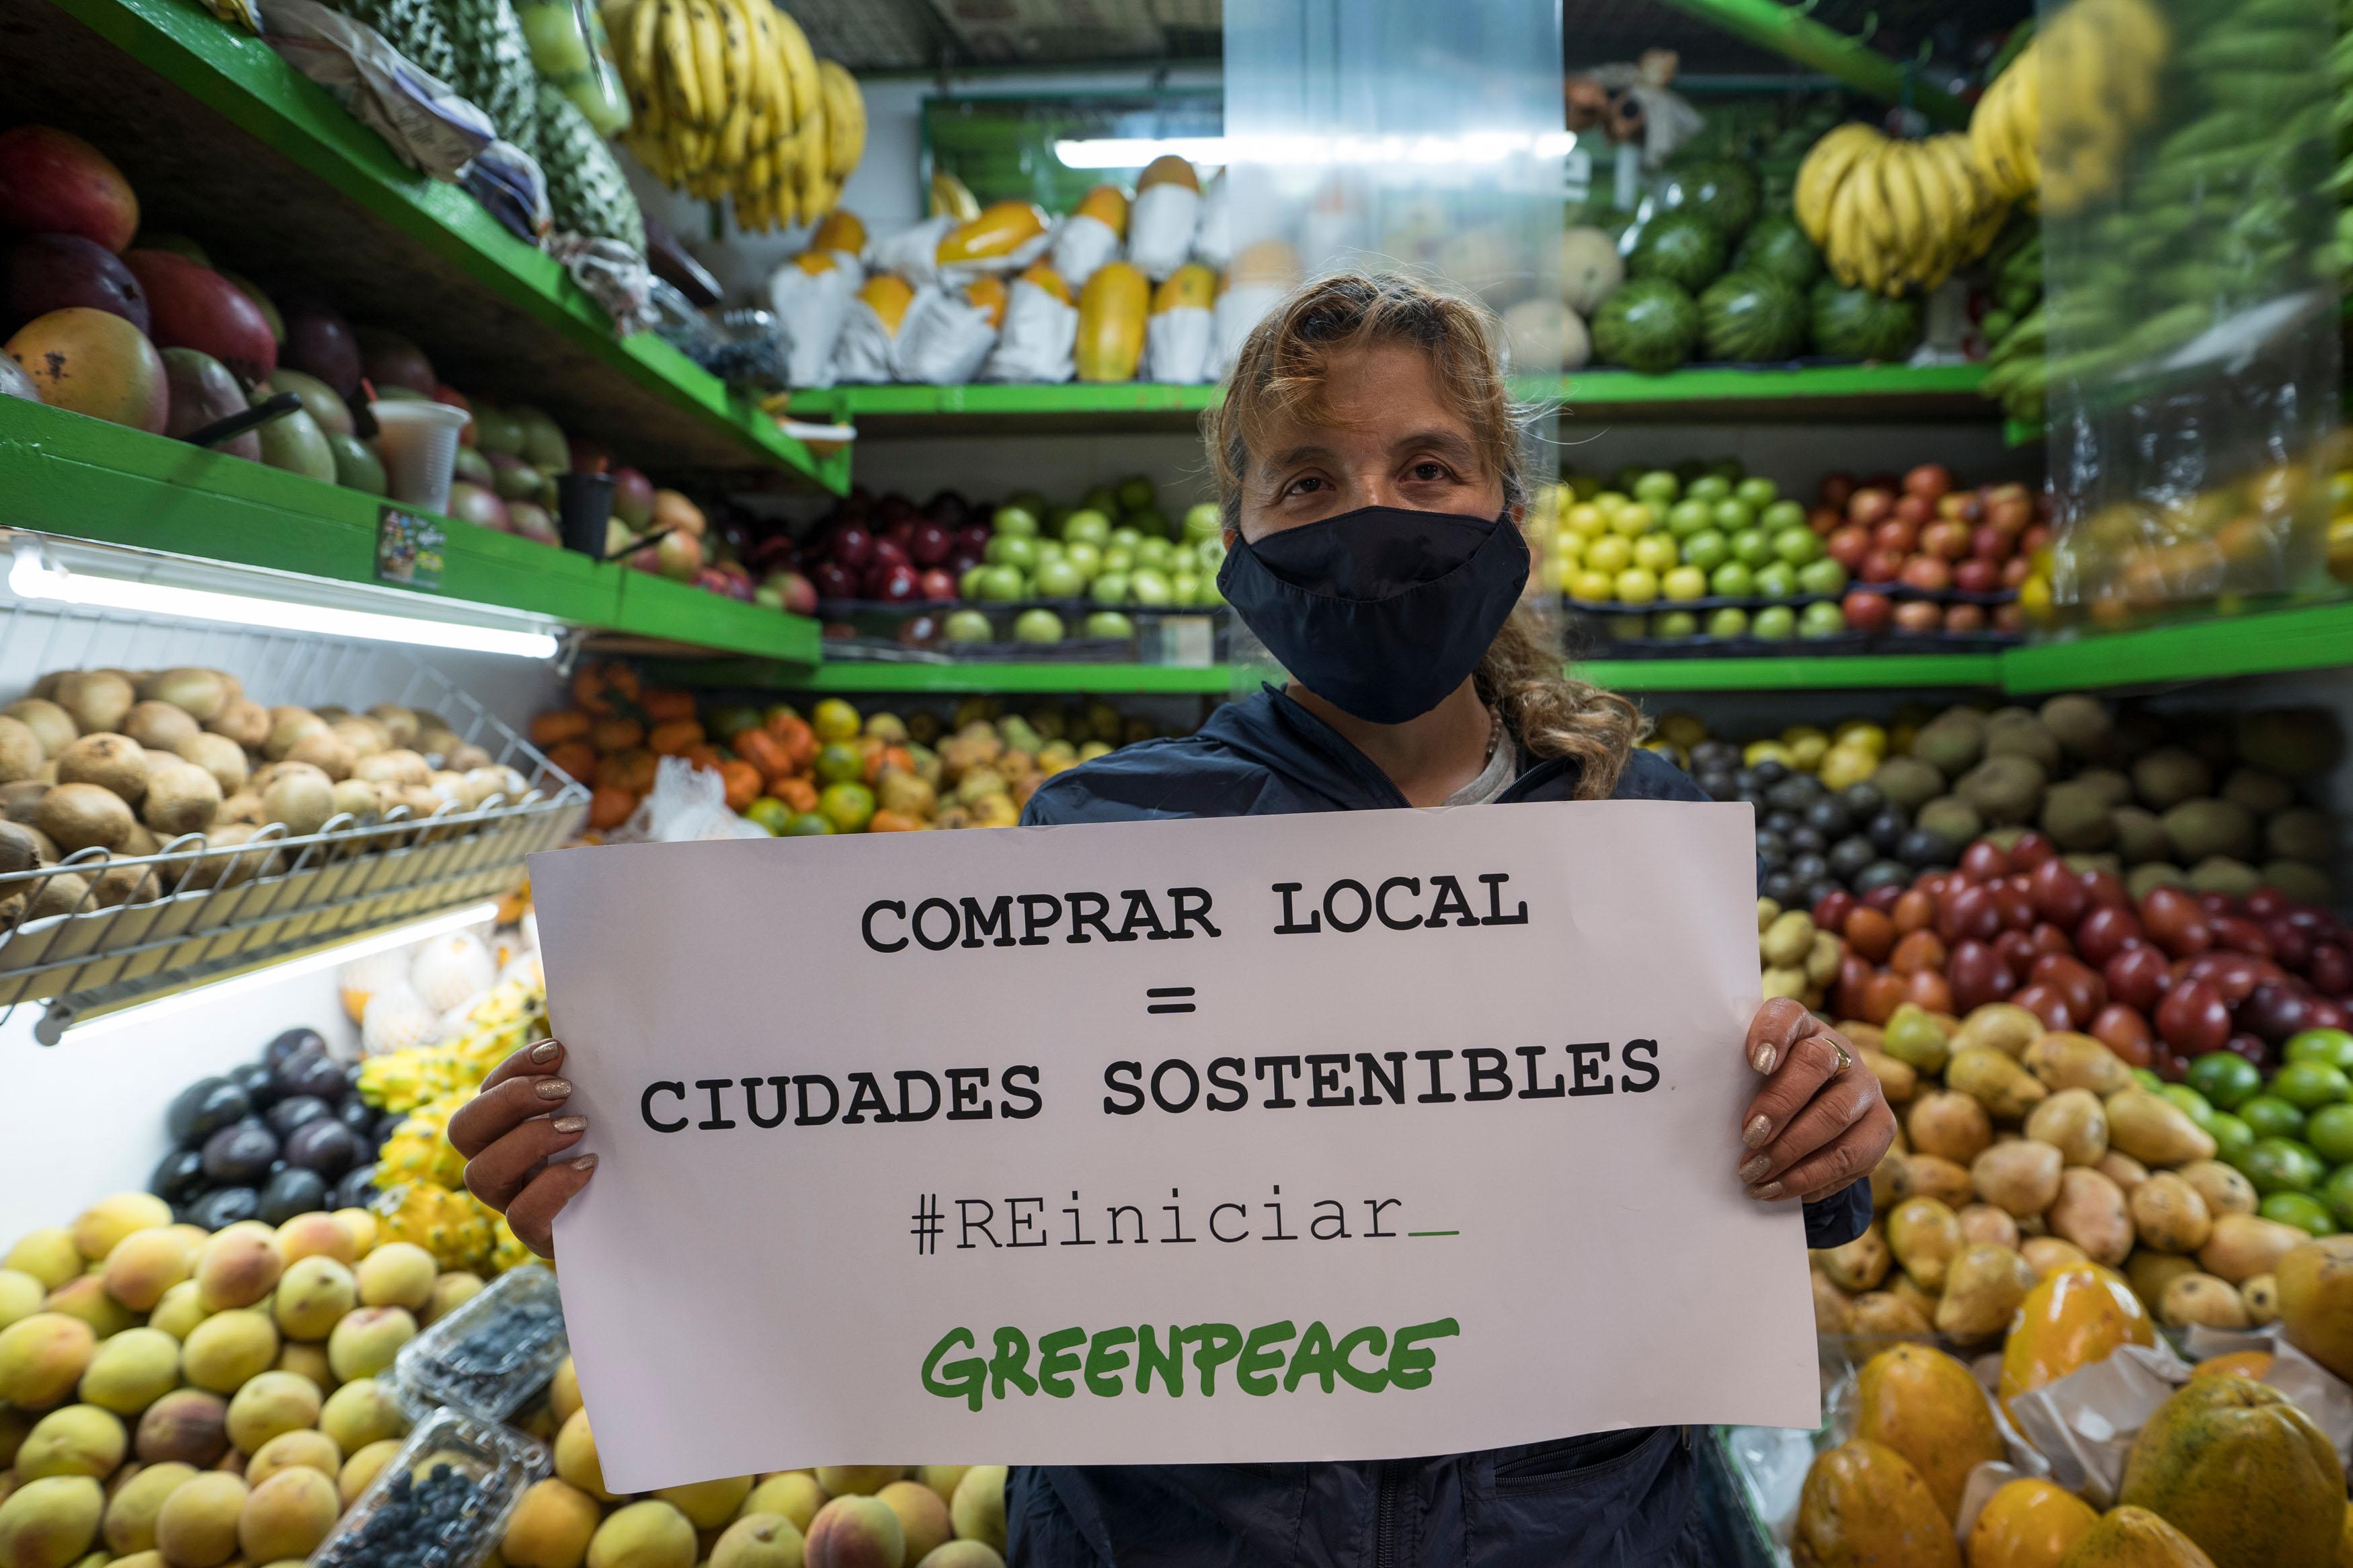 En el Día Mundial del Clima, el rol ciudadano ante la emergencia climática